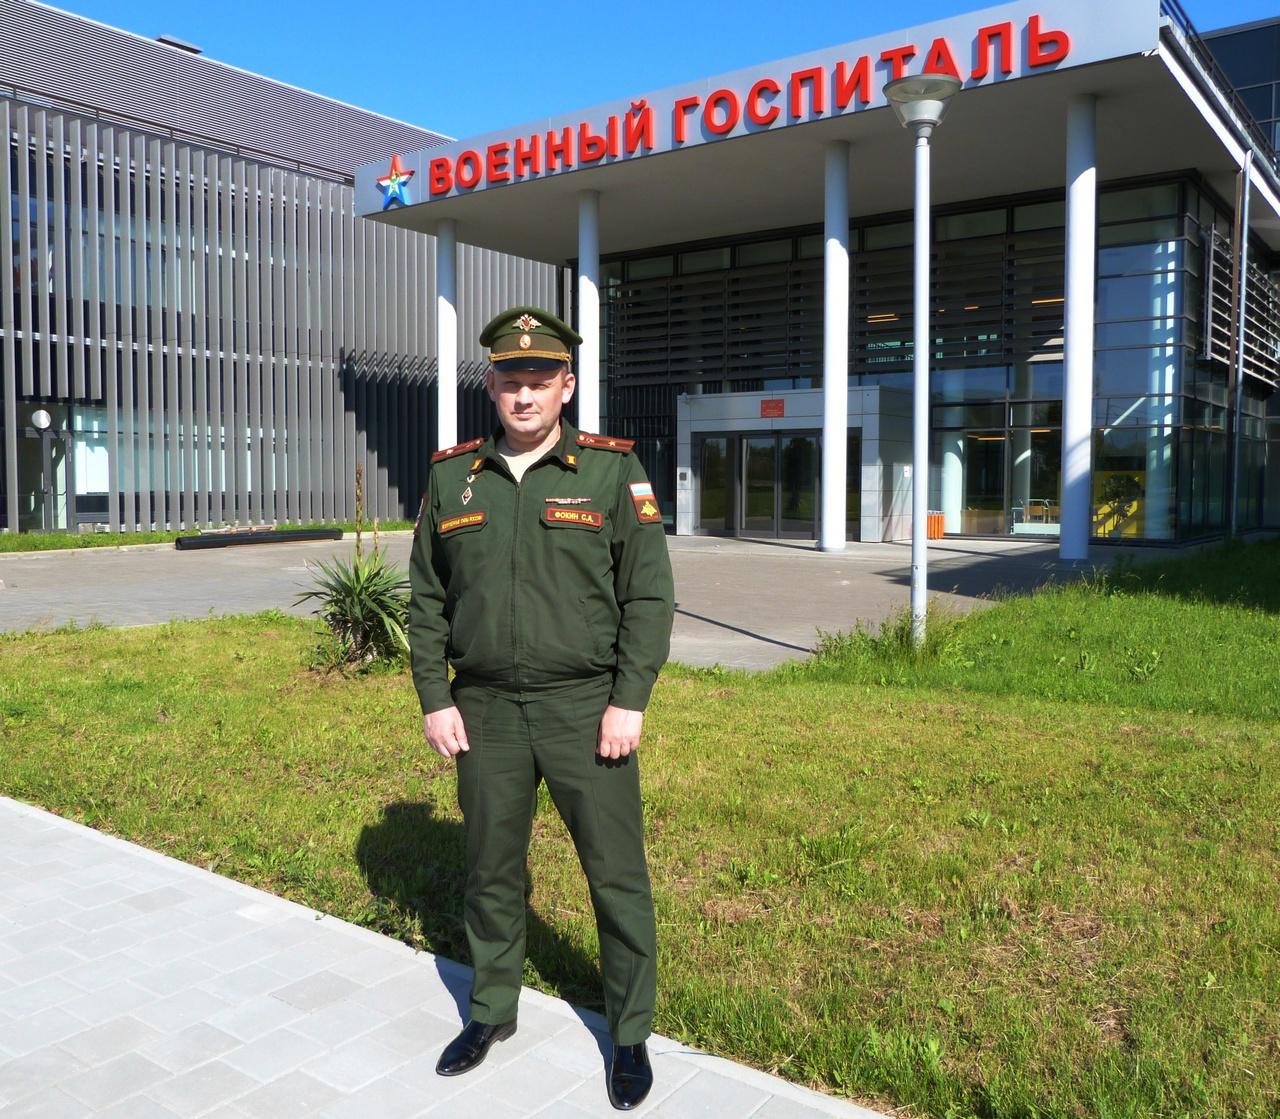 Госпиталь и его начальник майор медслужбы Станислав Фокин.